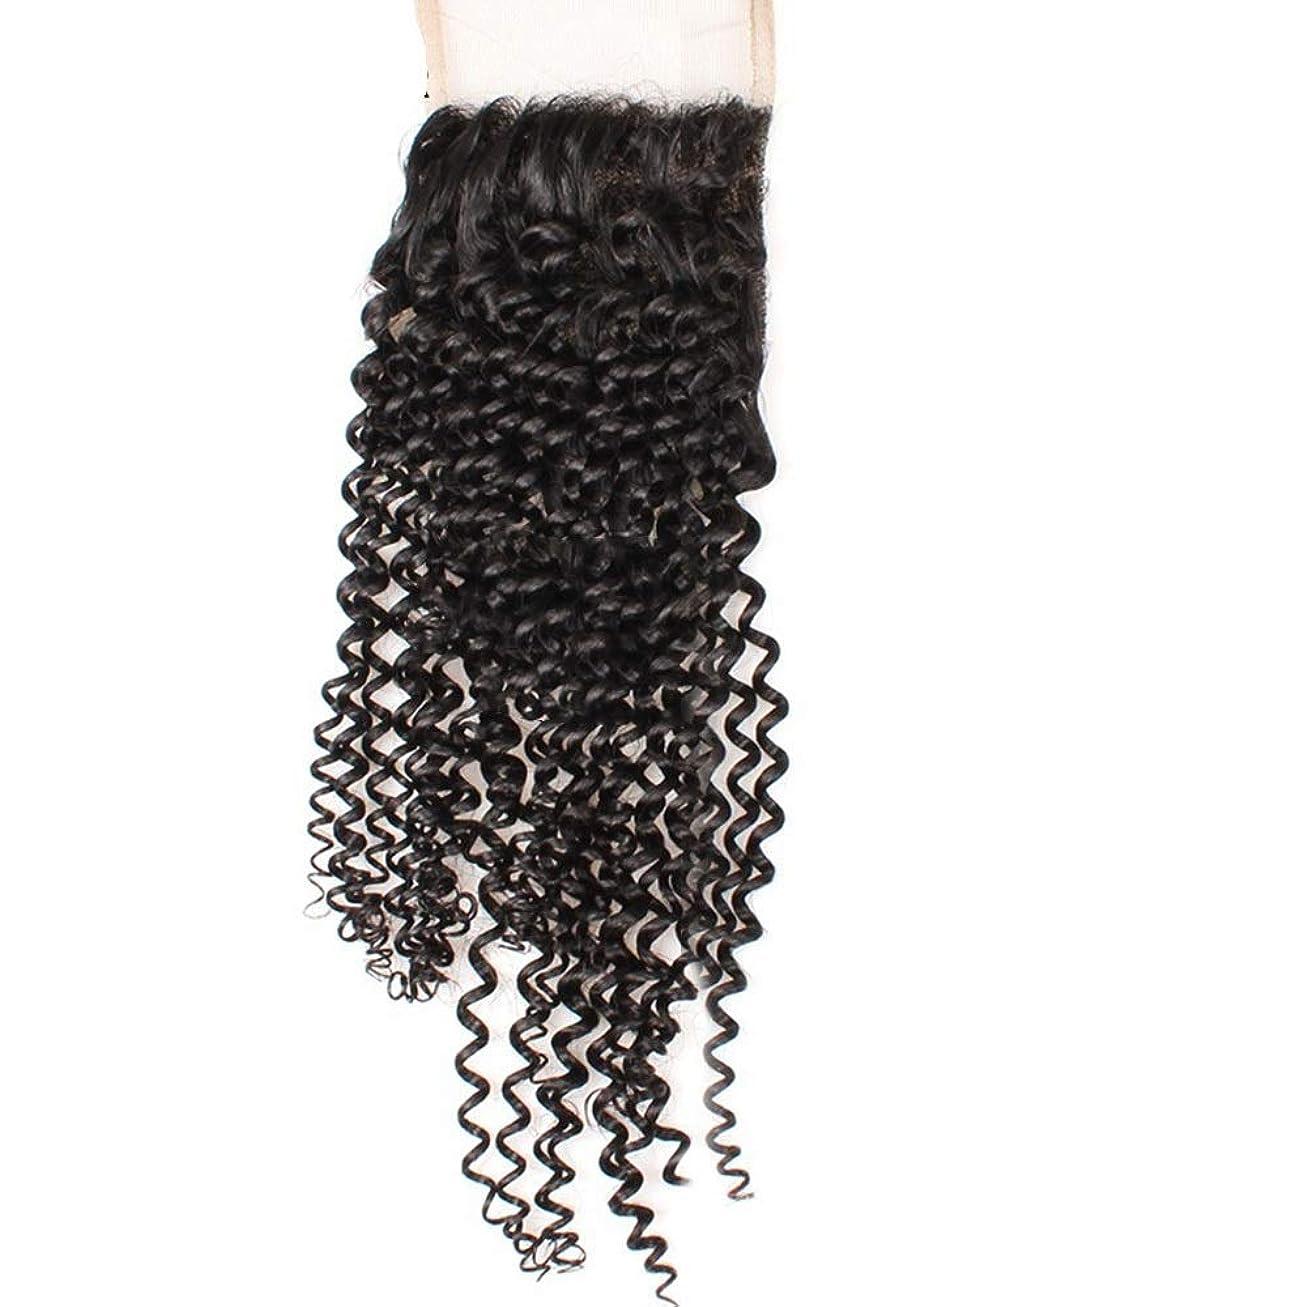 授業料該当する羊飼いYESONEEP 4×4フリーパートレース前頭閉鎖9Aブラジル髪変態カーリーレース閉鎖ロールプレイングかつら女性の自然なかつら (色 : 黒, サイズ : 12 inch)